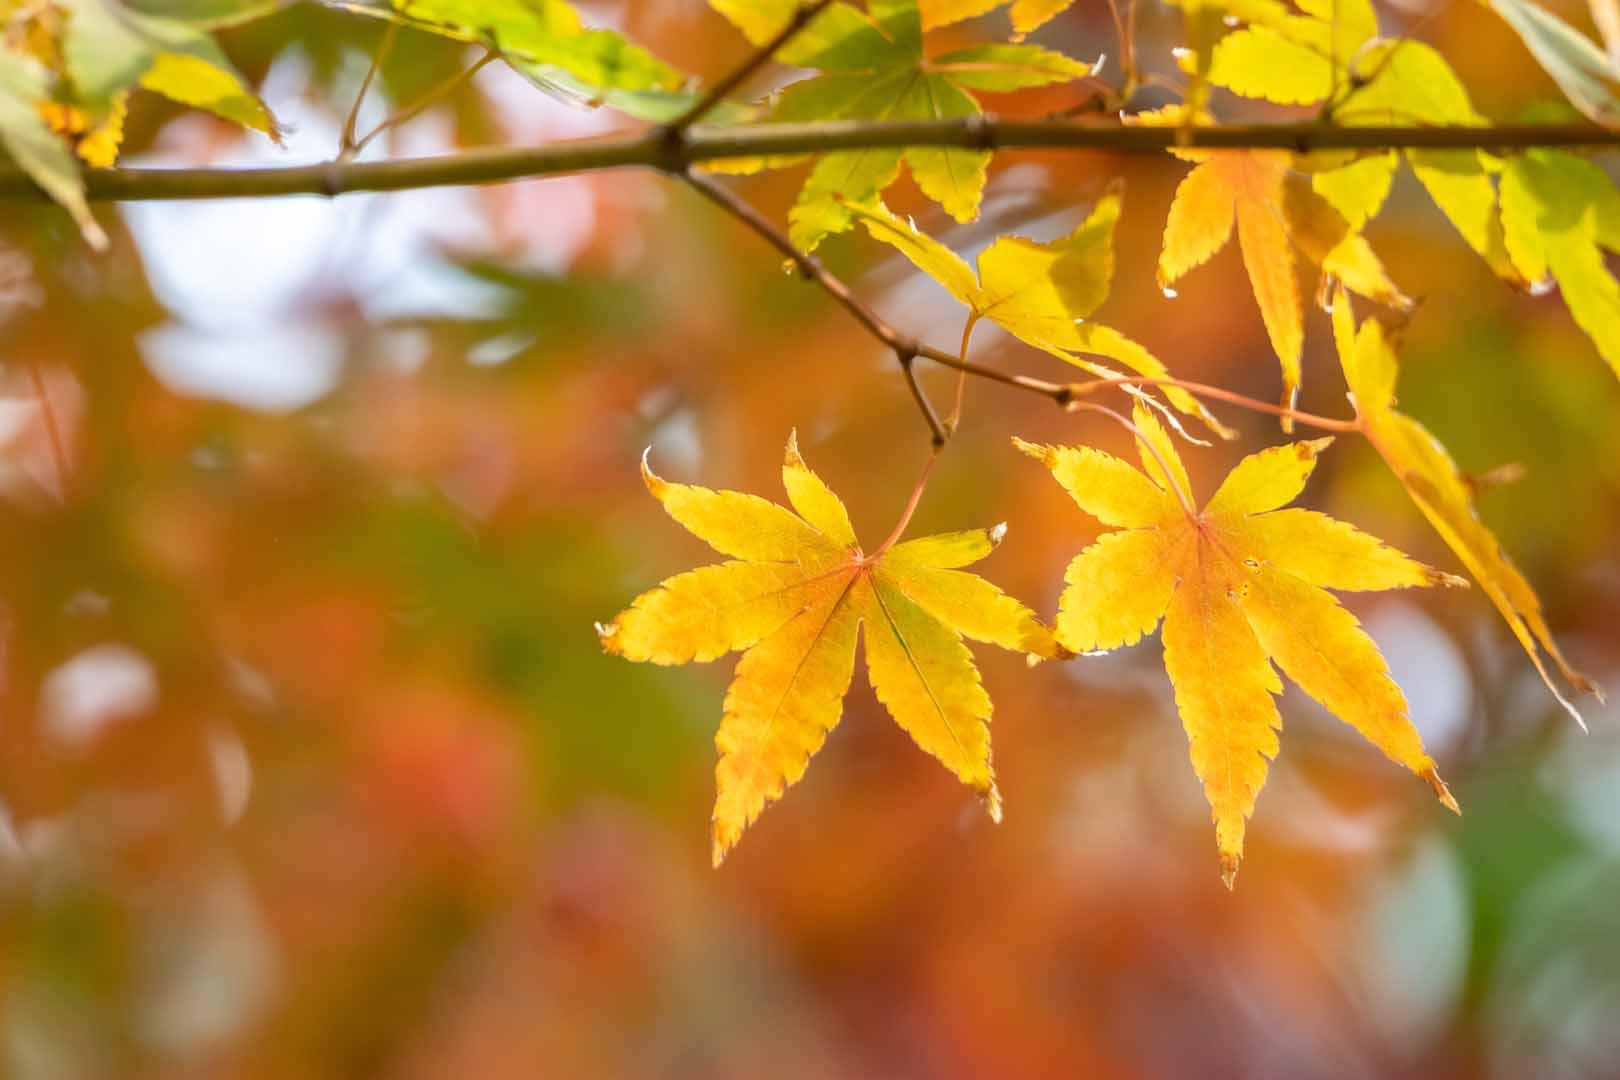 beautiful leaves on tree